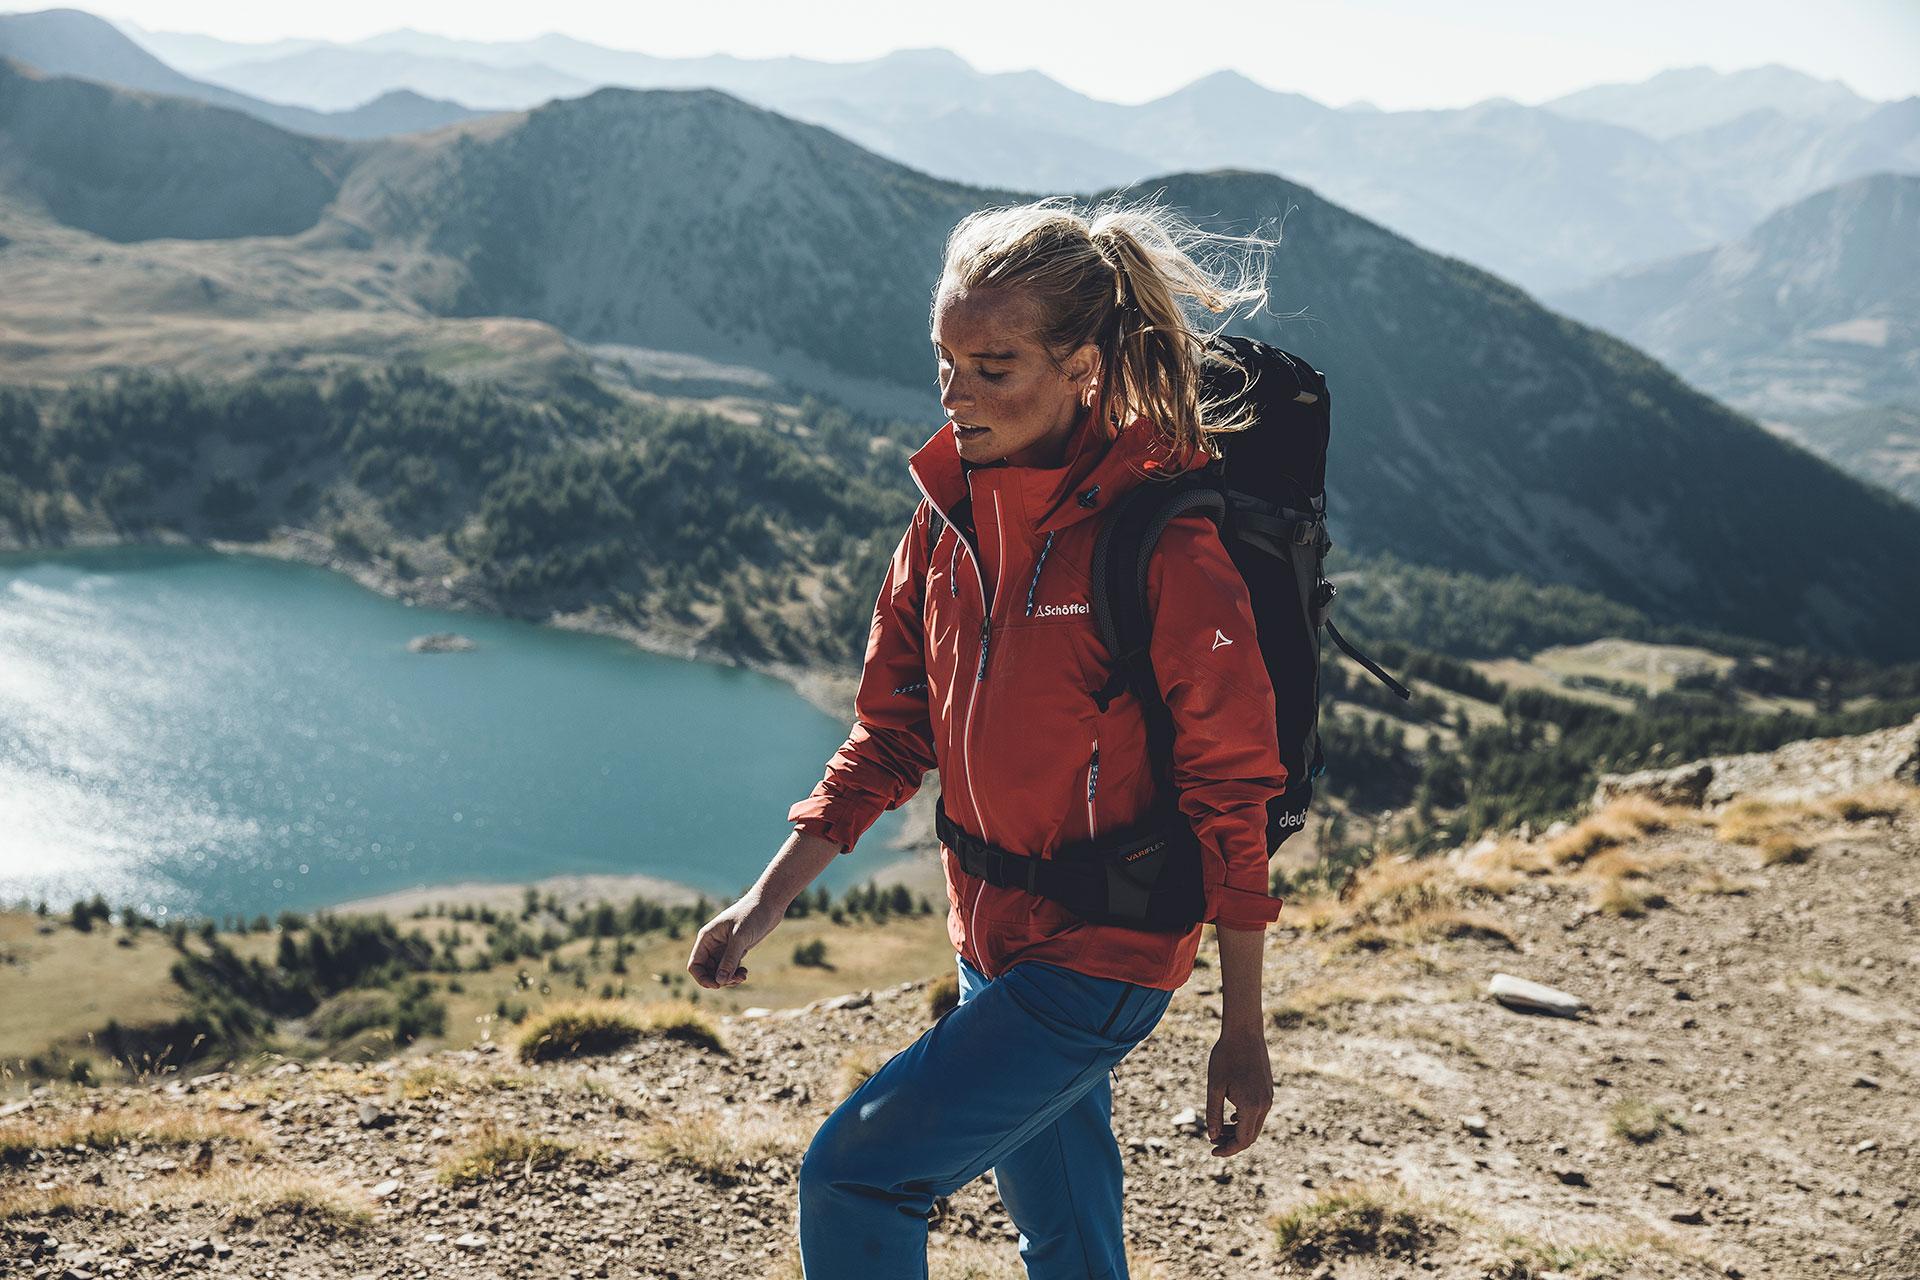 sportfotograf outdoor wandern trekking schoeffel berge seealpen deutschland muenchen